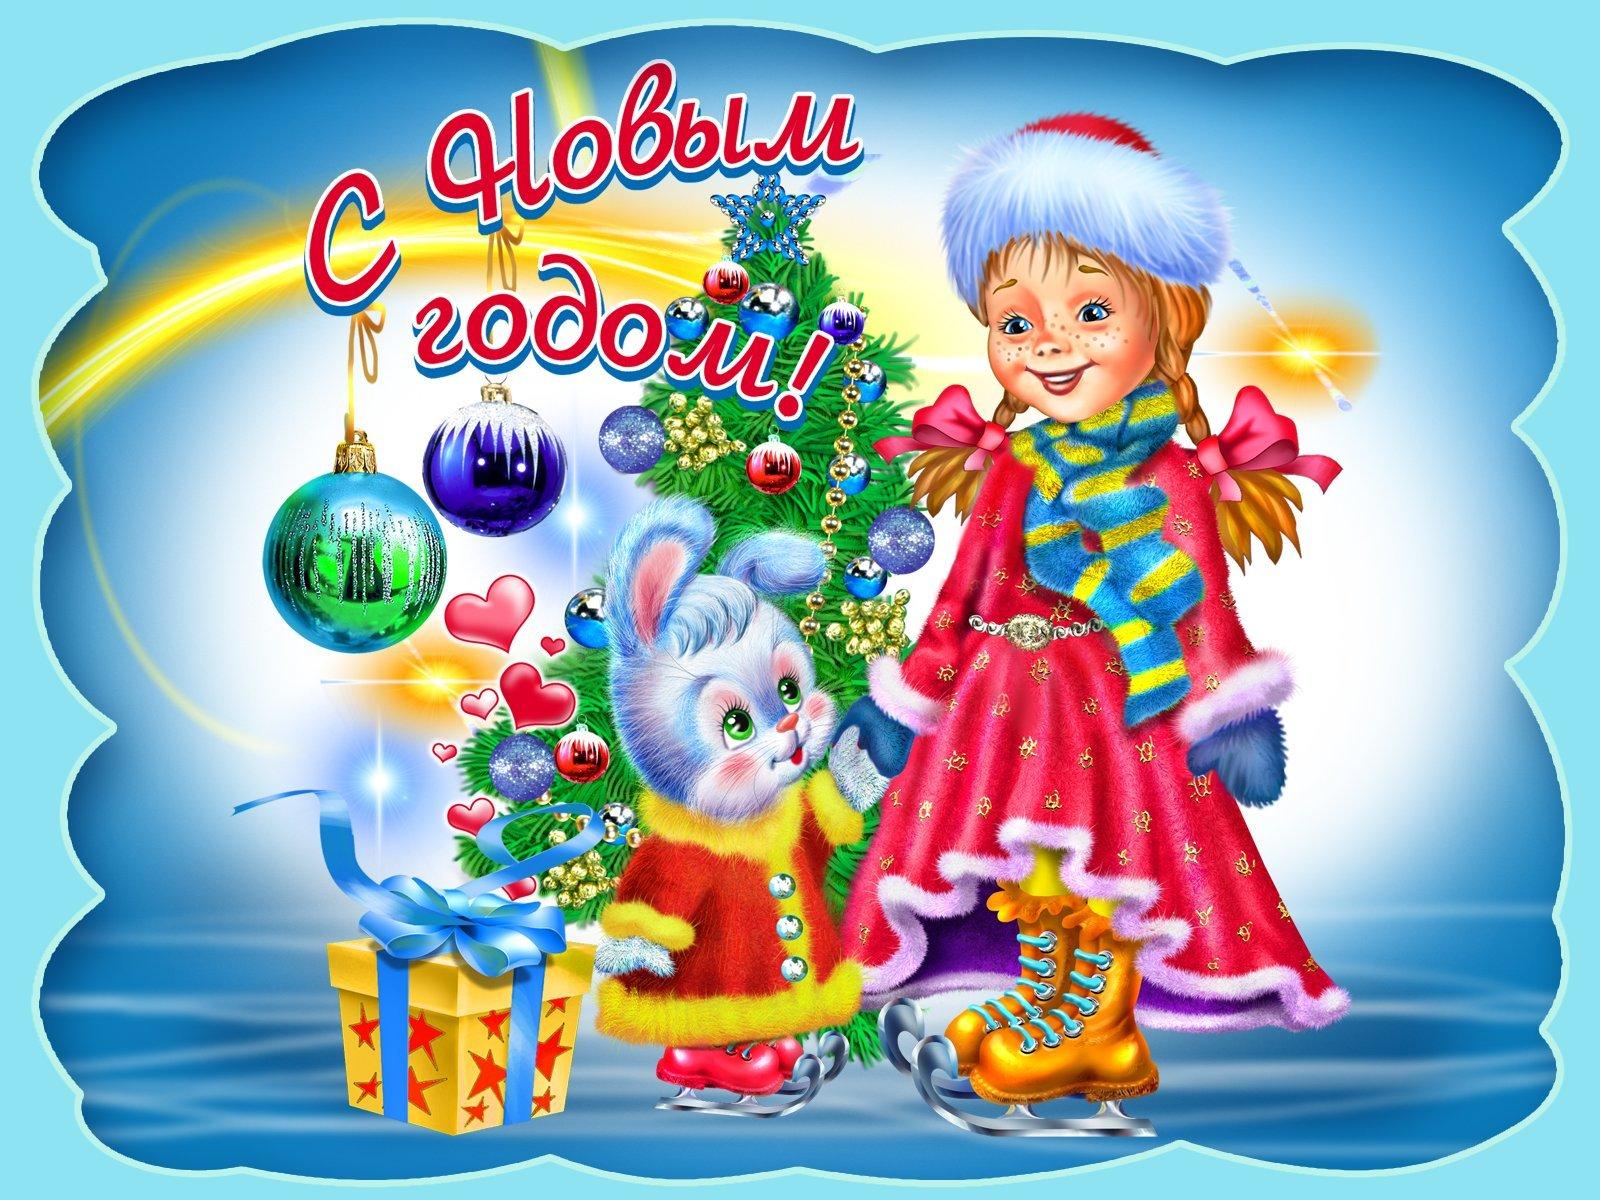 Fond D écran Vacances De Noël: Fond D'écran : 1600x1200 Px, Beau, Cadeaux, Content